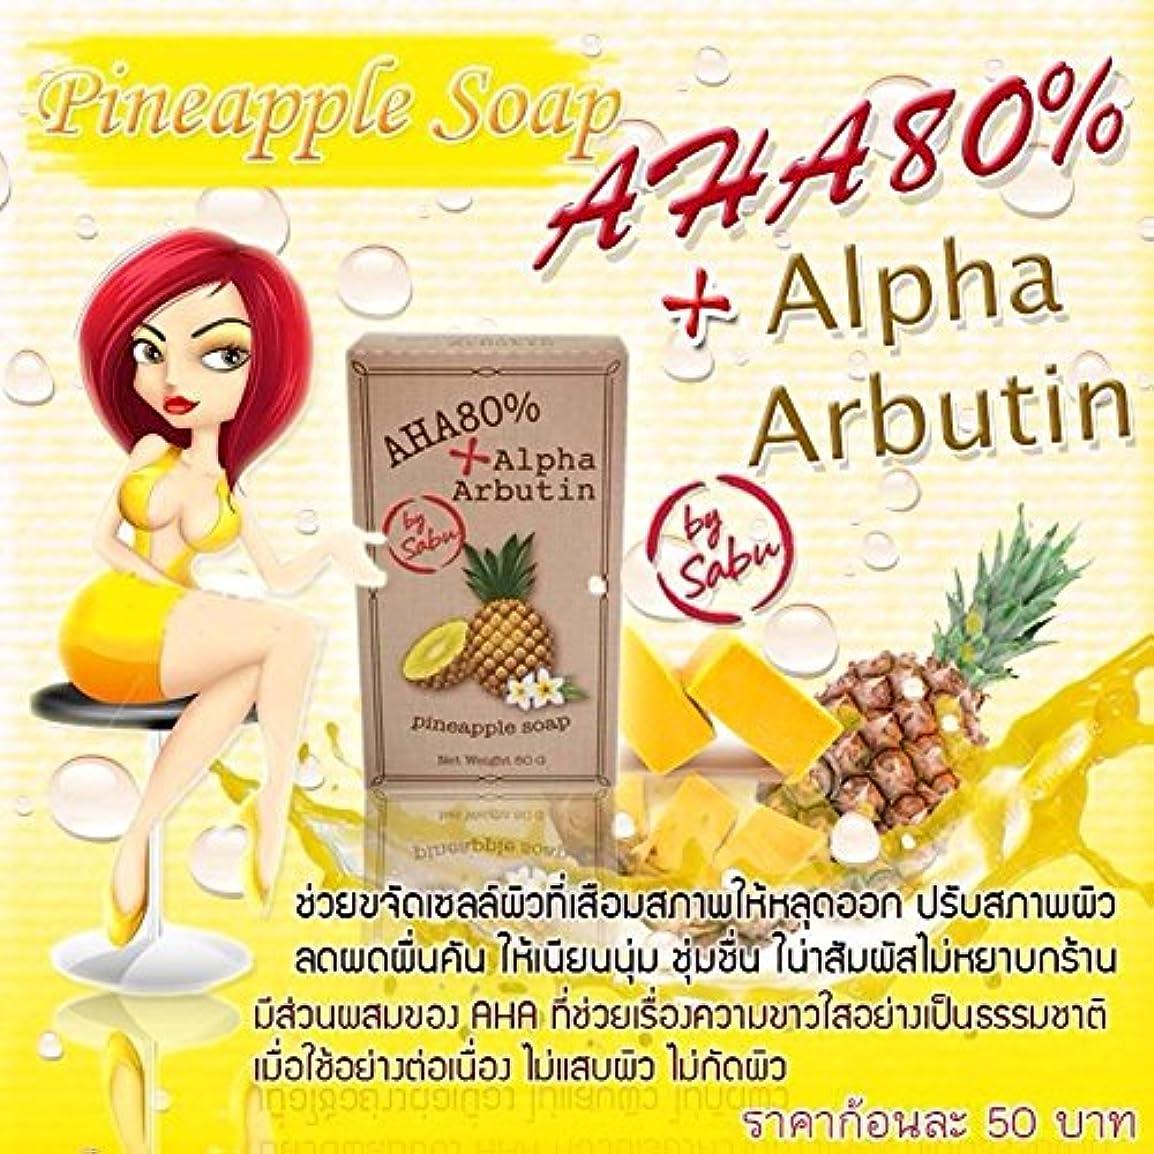 休眠ハイブリッドアクティブ1 X Natural Herbal Whitening Soap.Alpha-Arbutin Pineapple AHA 80%. The skin whitening process is rapid. 80 g....